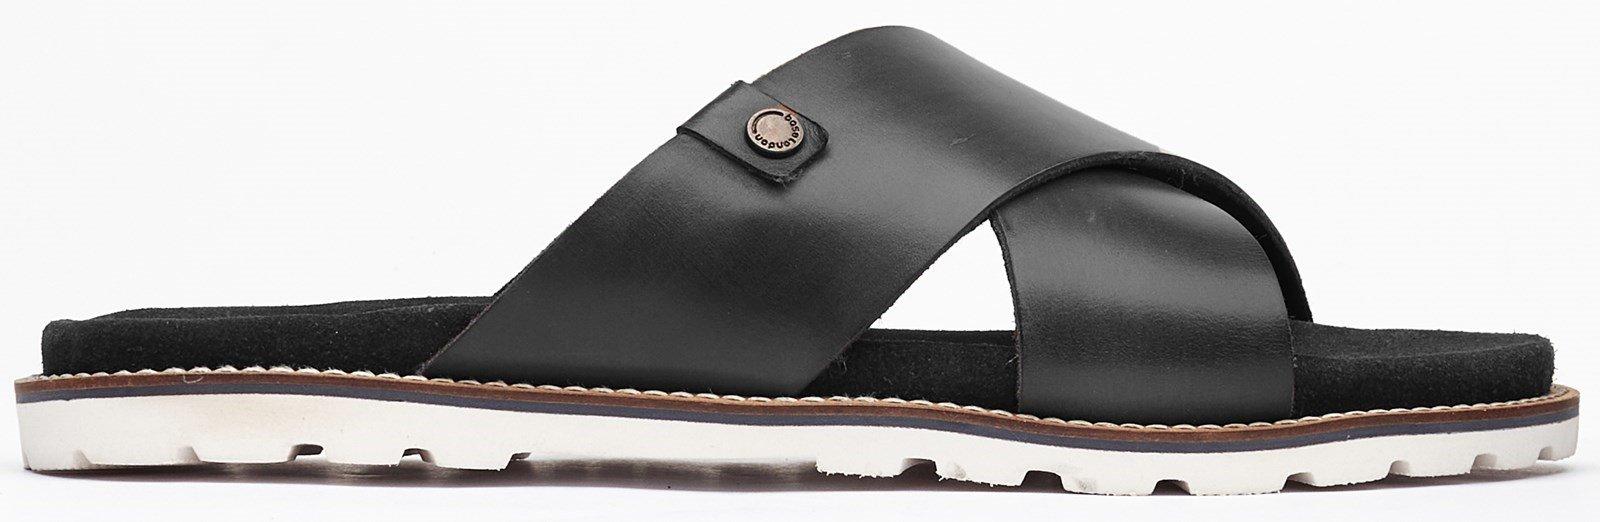 Base London Men's Gobi Slip On Sandal Various Colours 32497 - Black 7